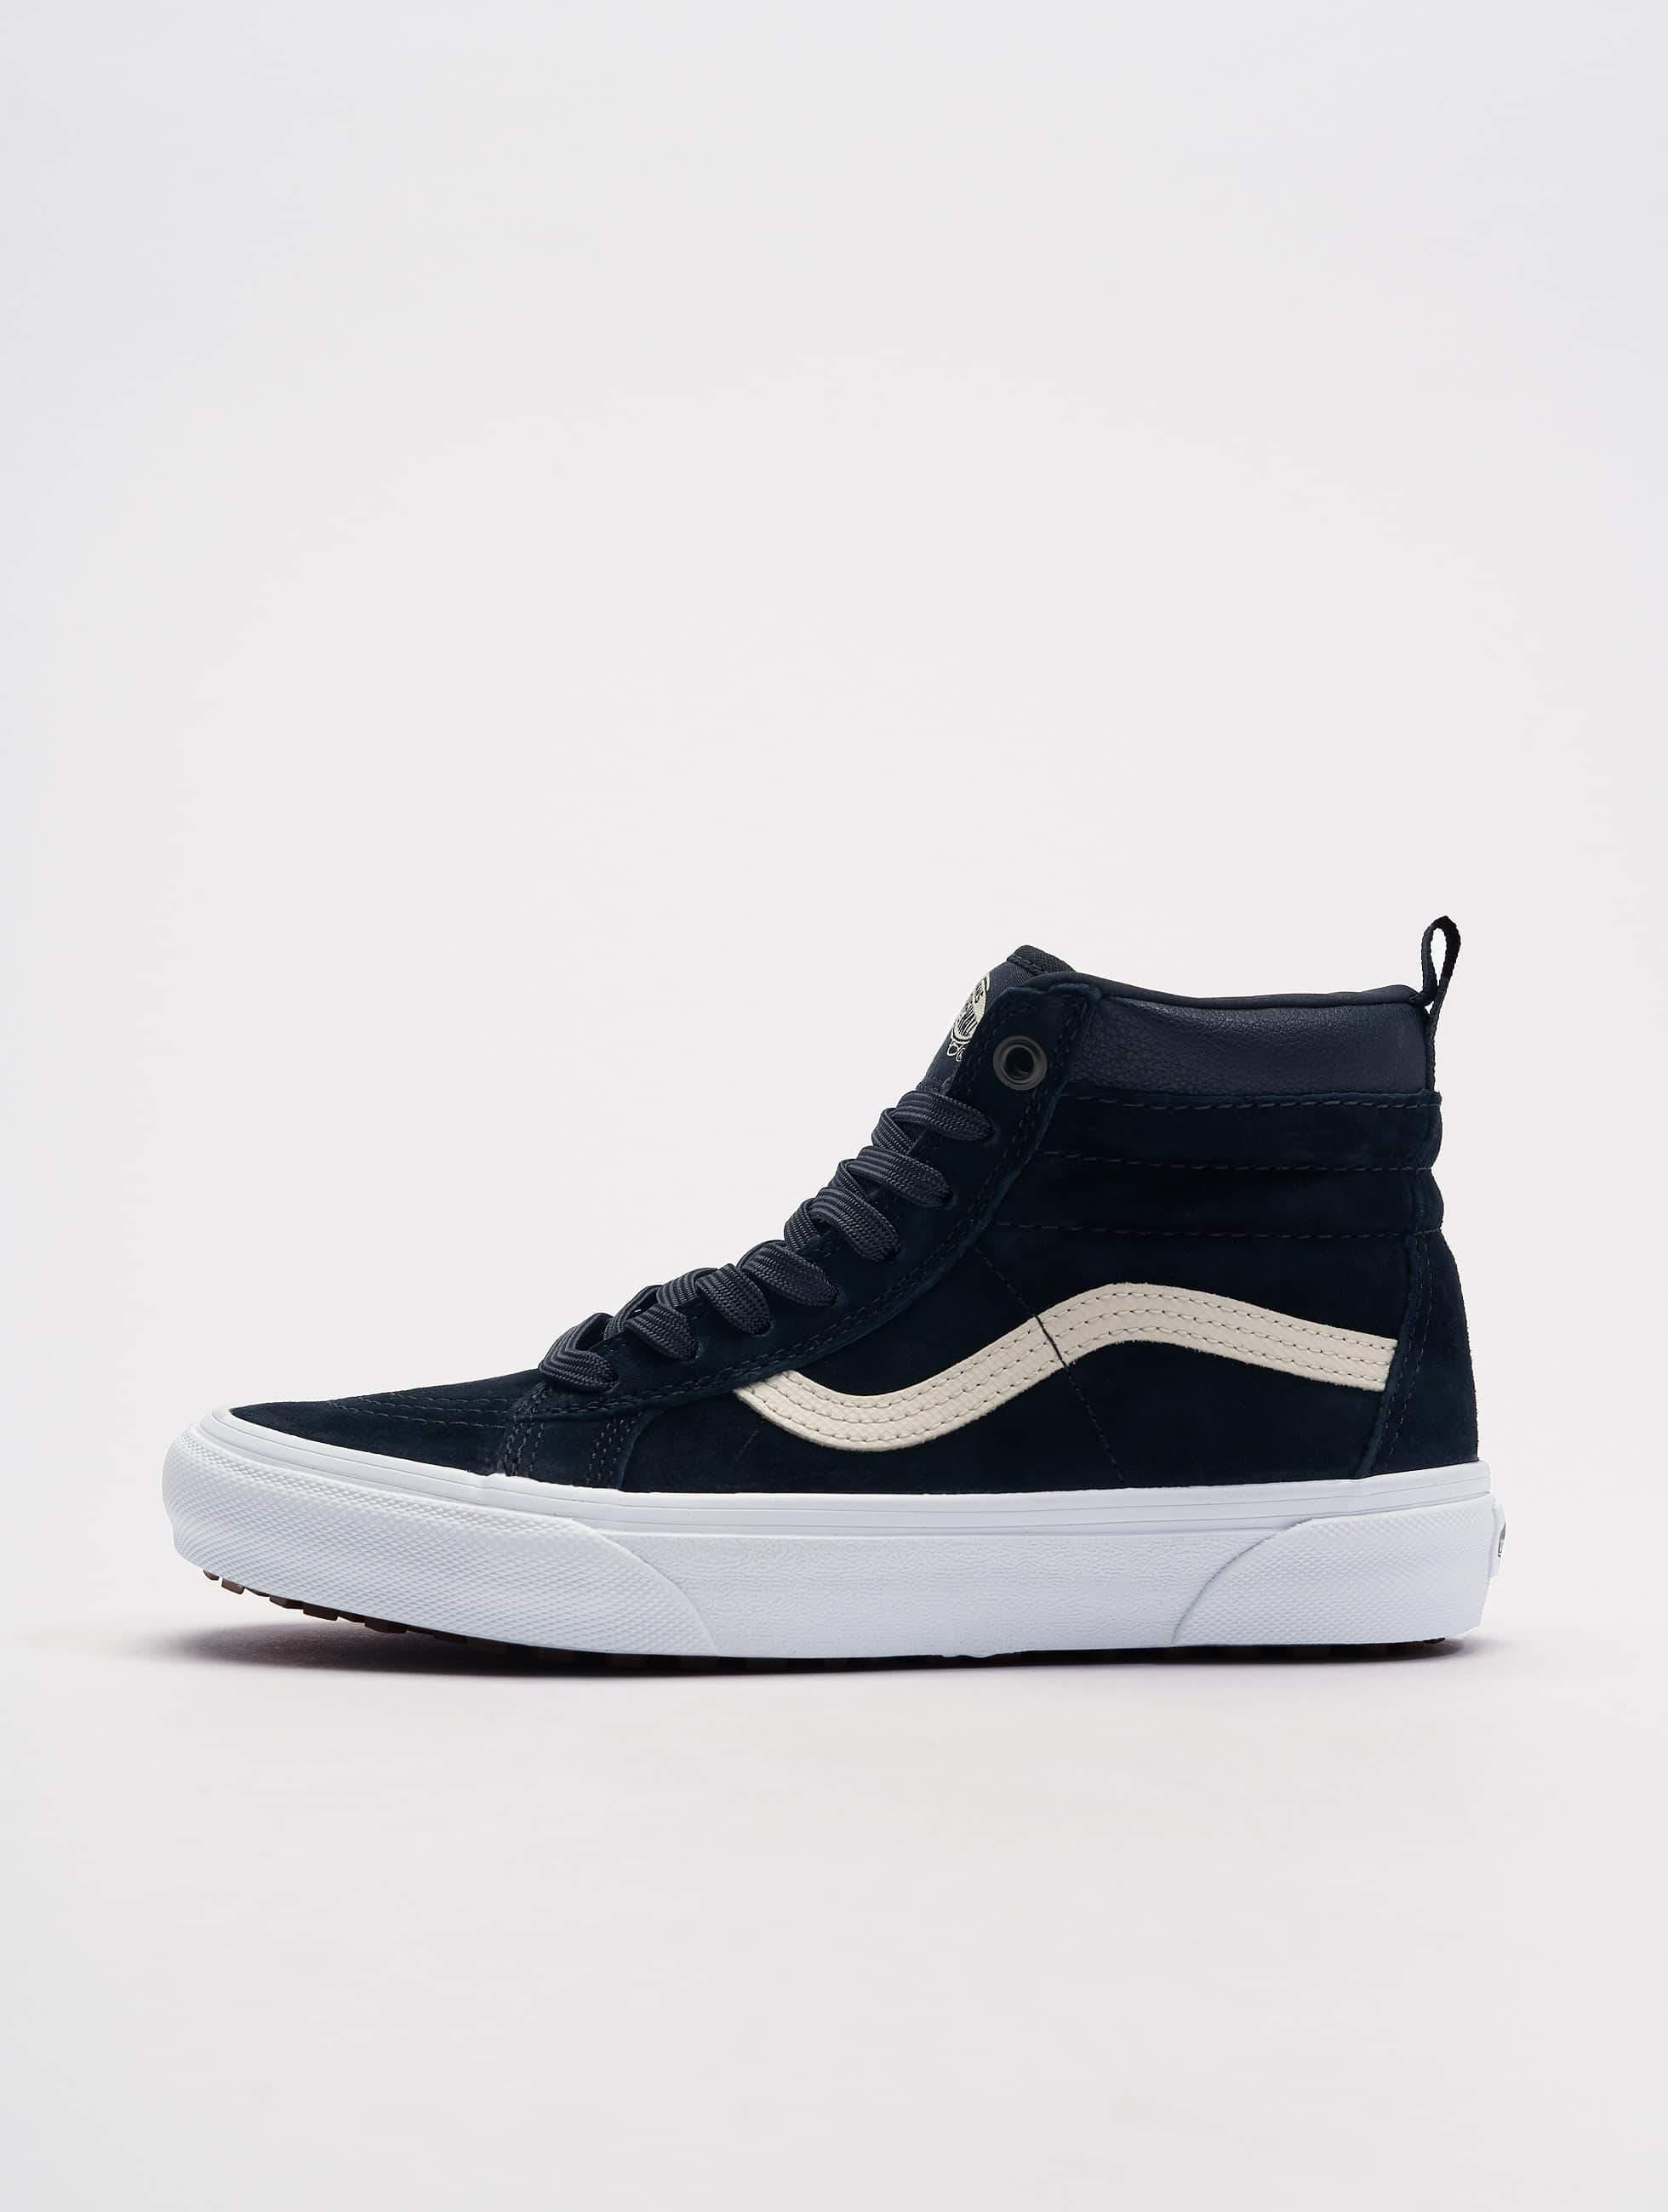 c1f89c54d78 Vans schoen / sneaker UA Sk8-Hi MTE in zwart 523625